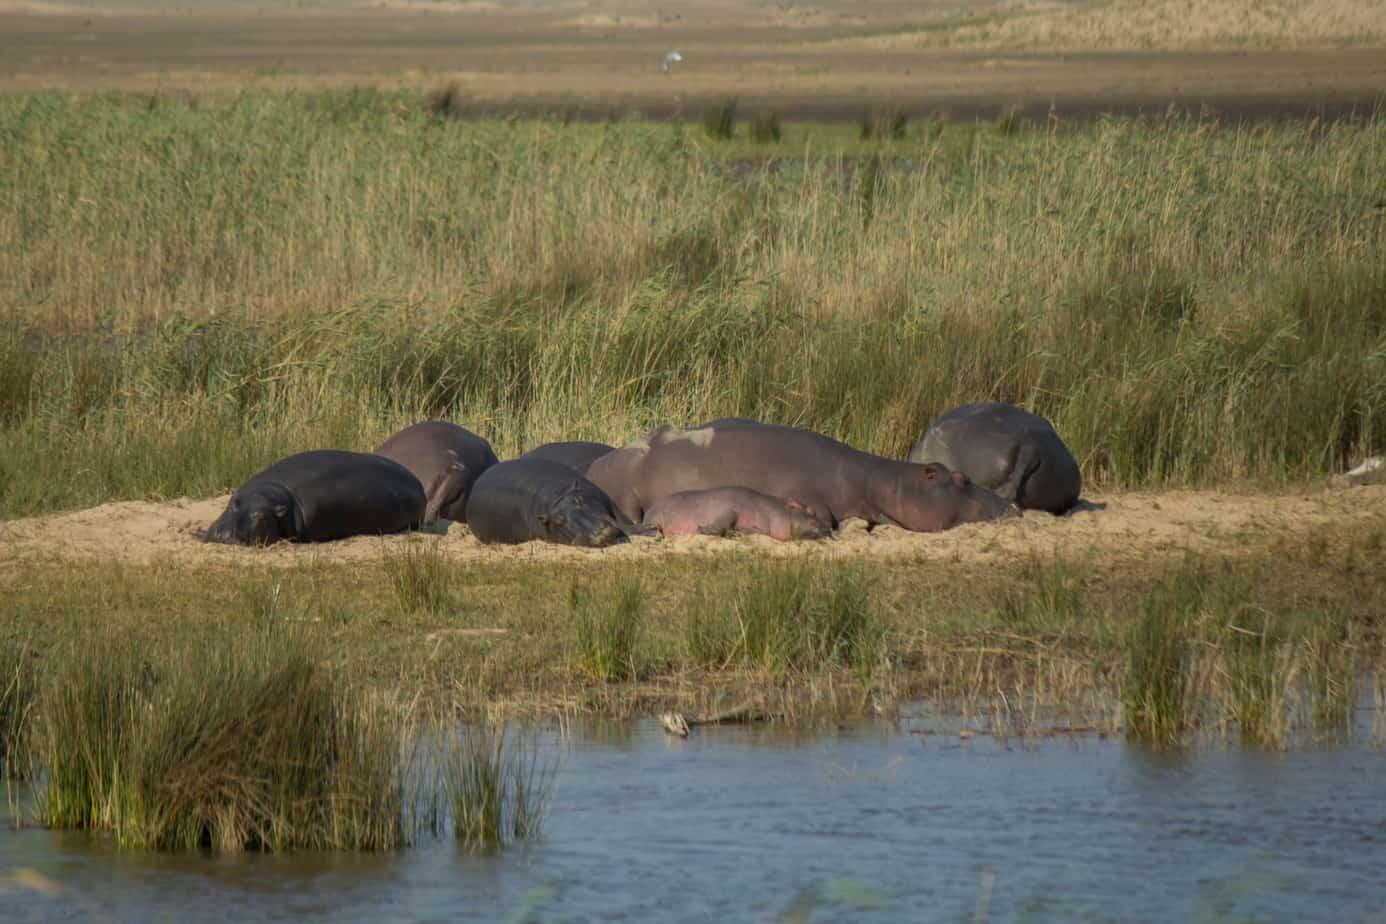 Hippo11